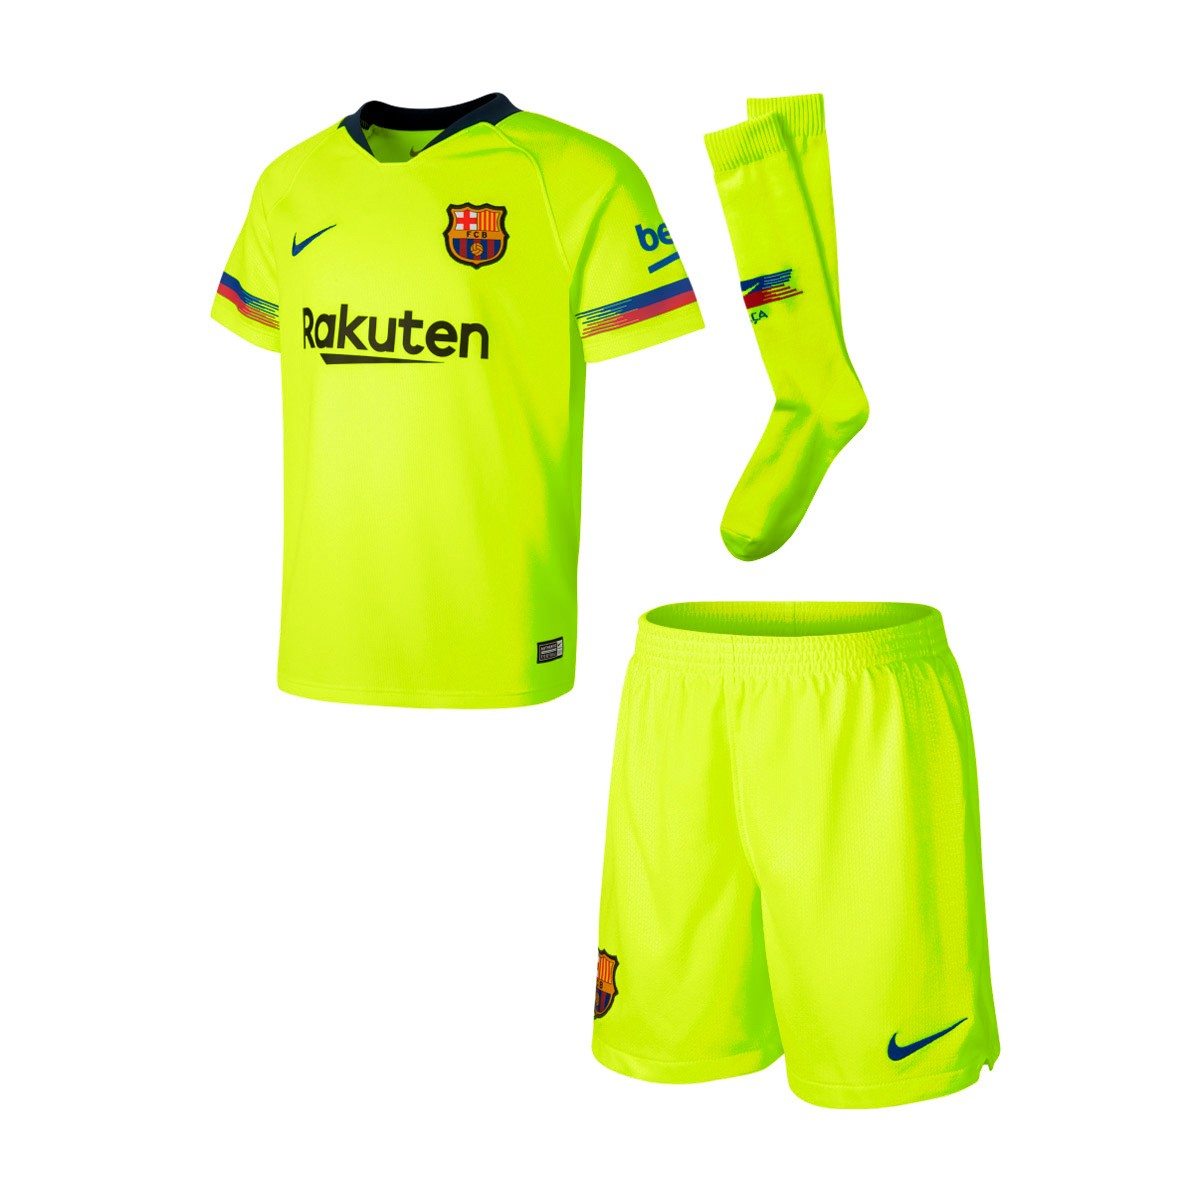 9f4a00fe8 Conjunto Nike FC Barcelona Segunda Equipación 2018-2019 Niño Volt-Deep  royal blue - Tienda de fútbol Fútbol Emotion